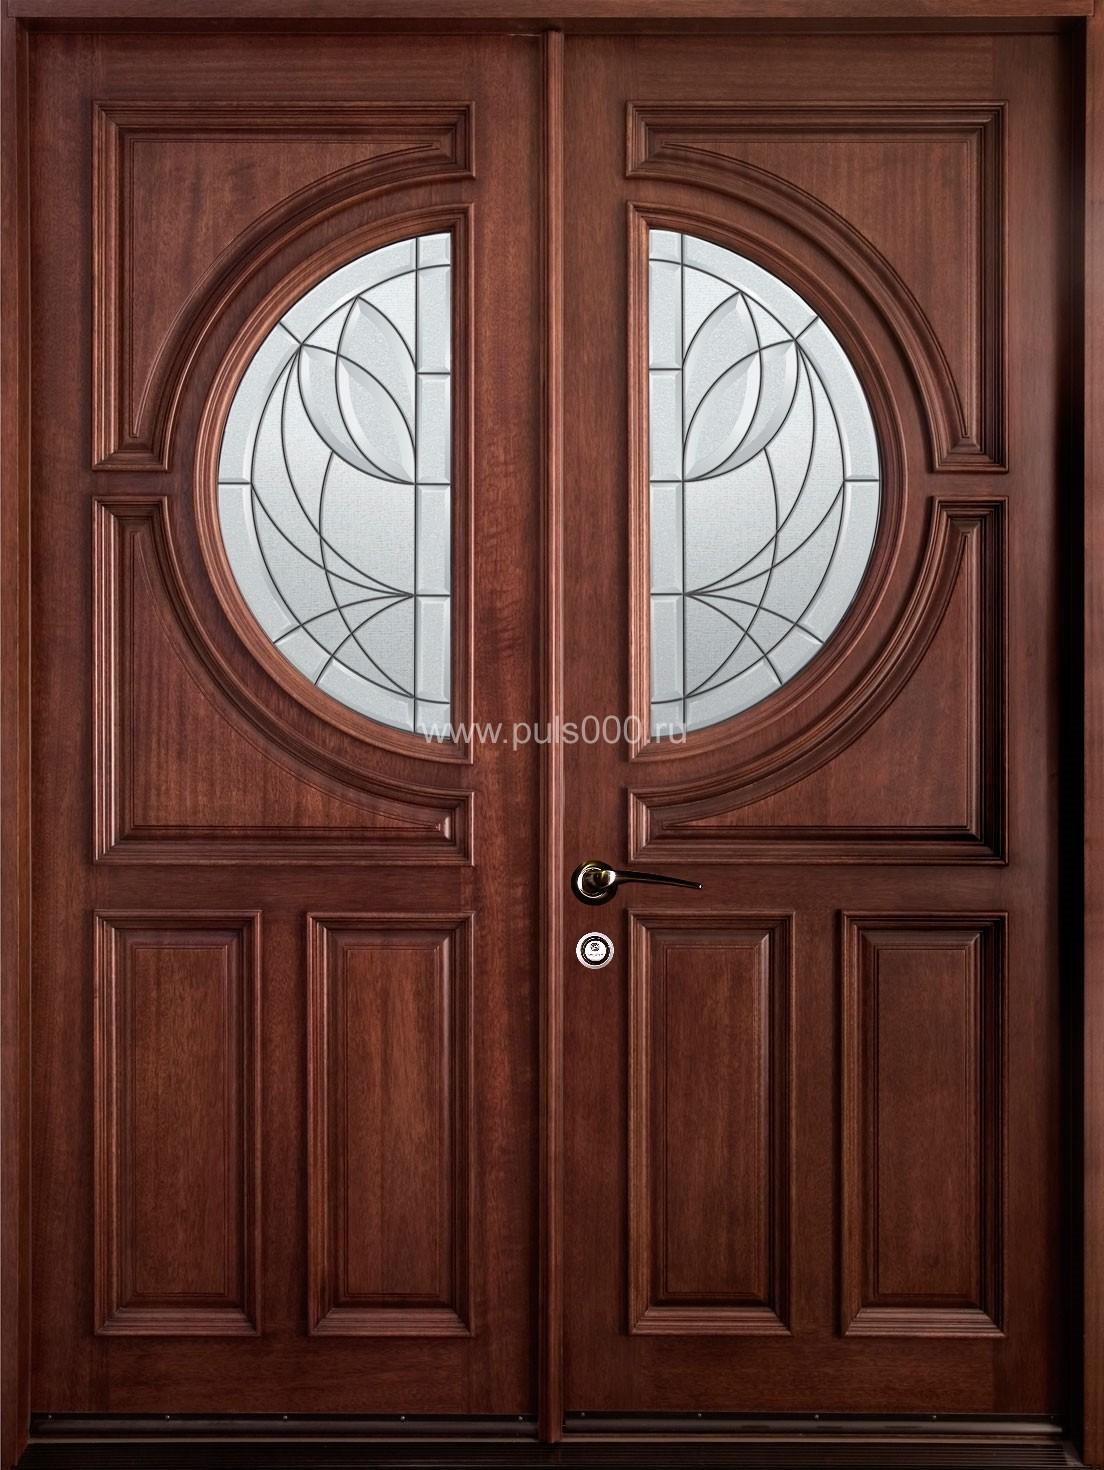 Элитные металлические двери мастер класс инструкция #5